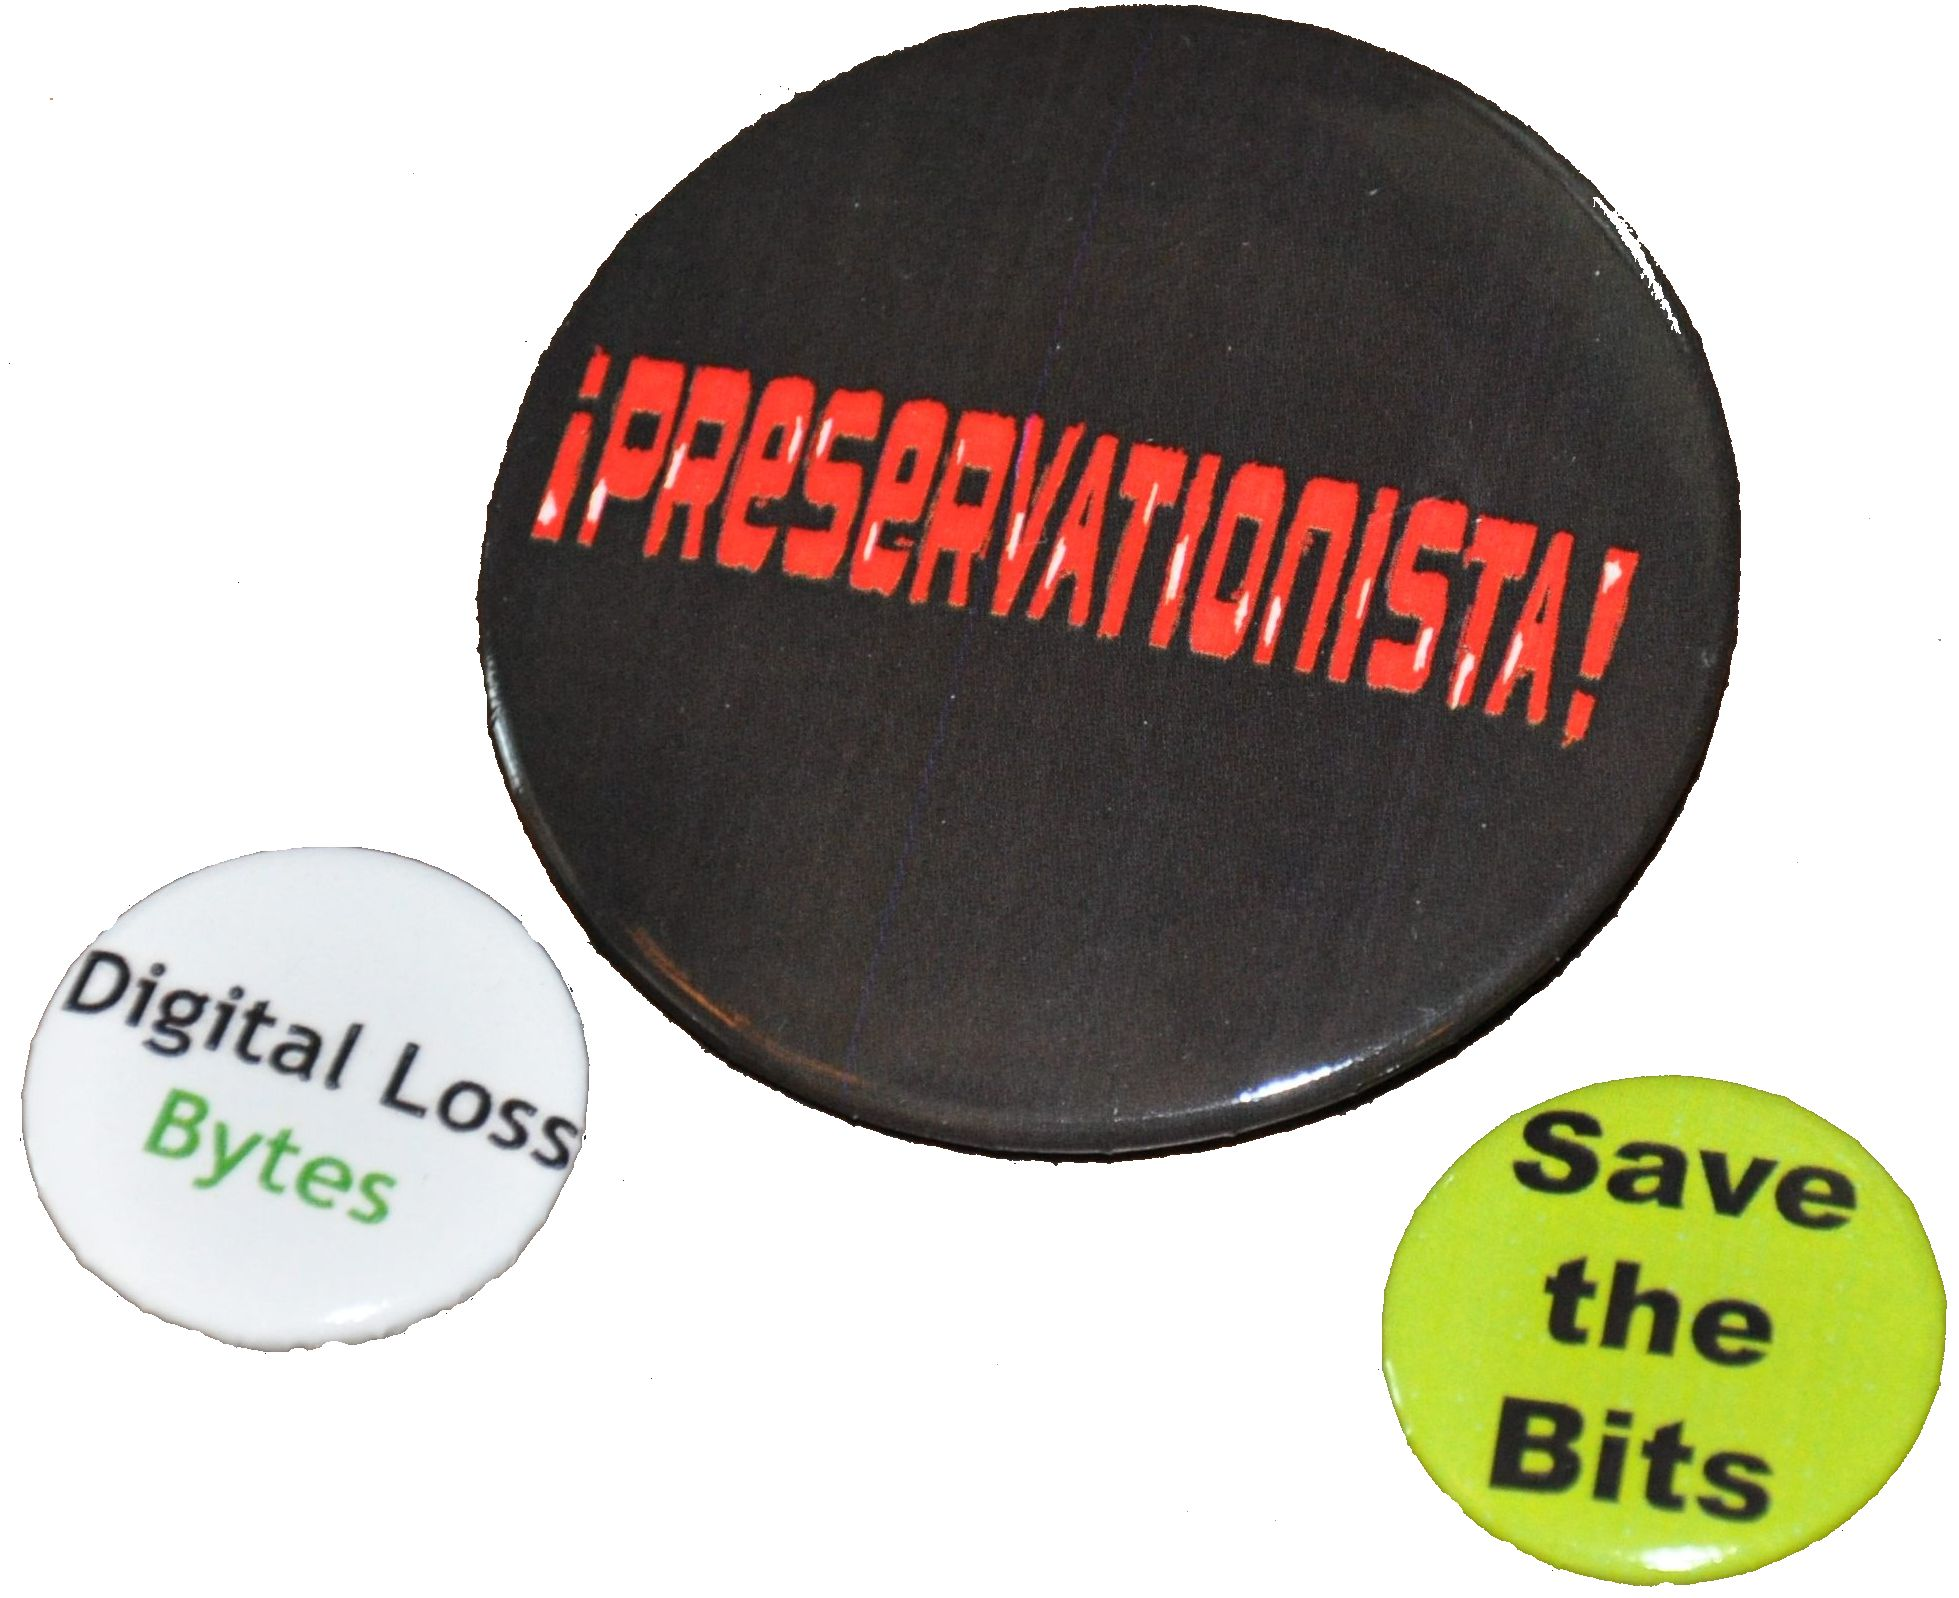 Tenemos que preservar los bits (pero no solo eso...) - licencia CC BY-NC-SA 2.0